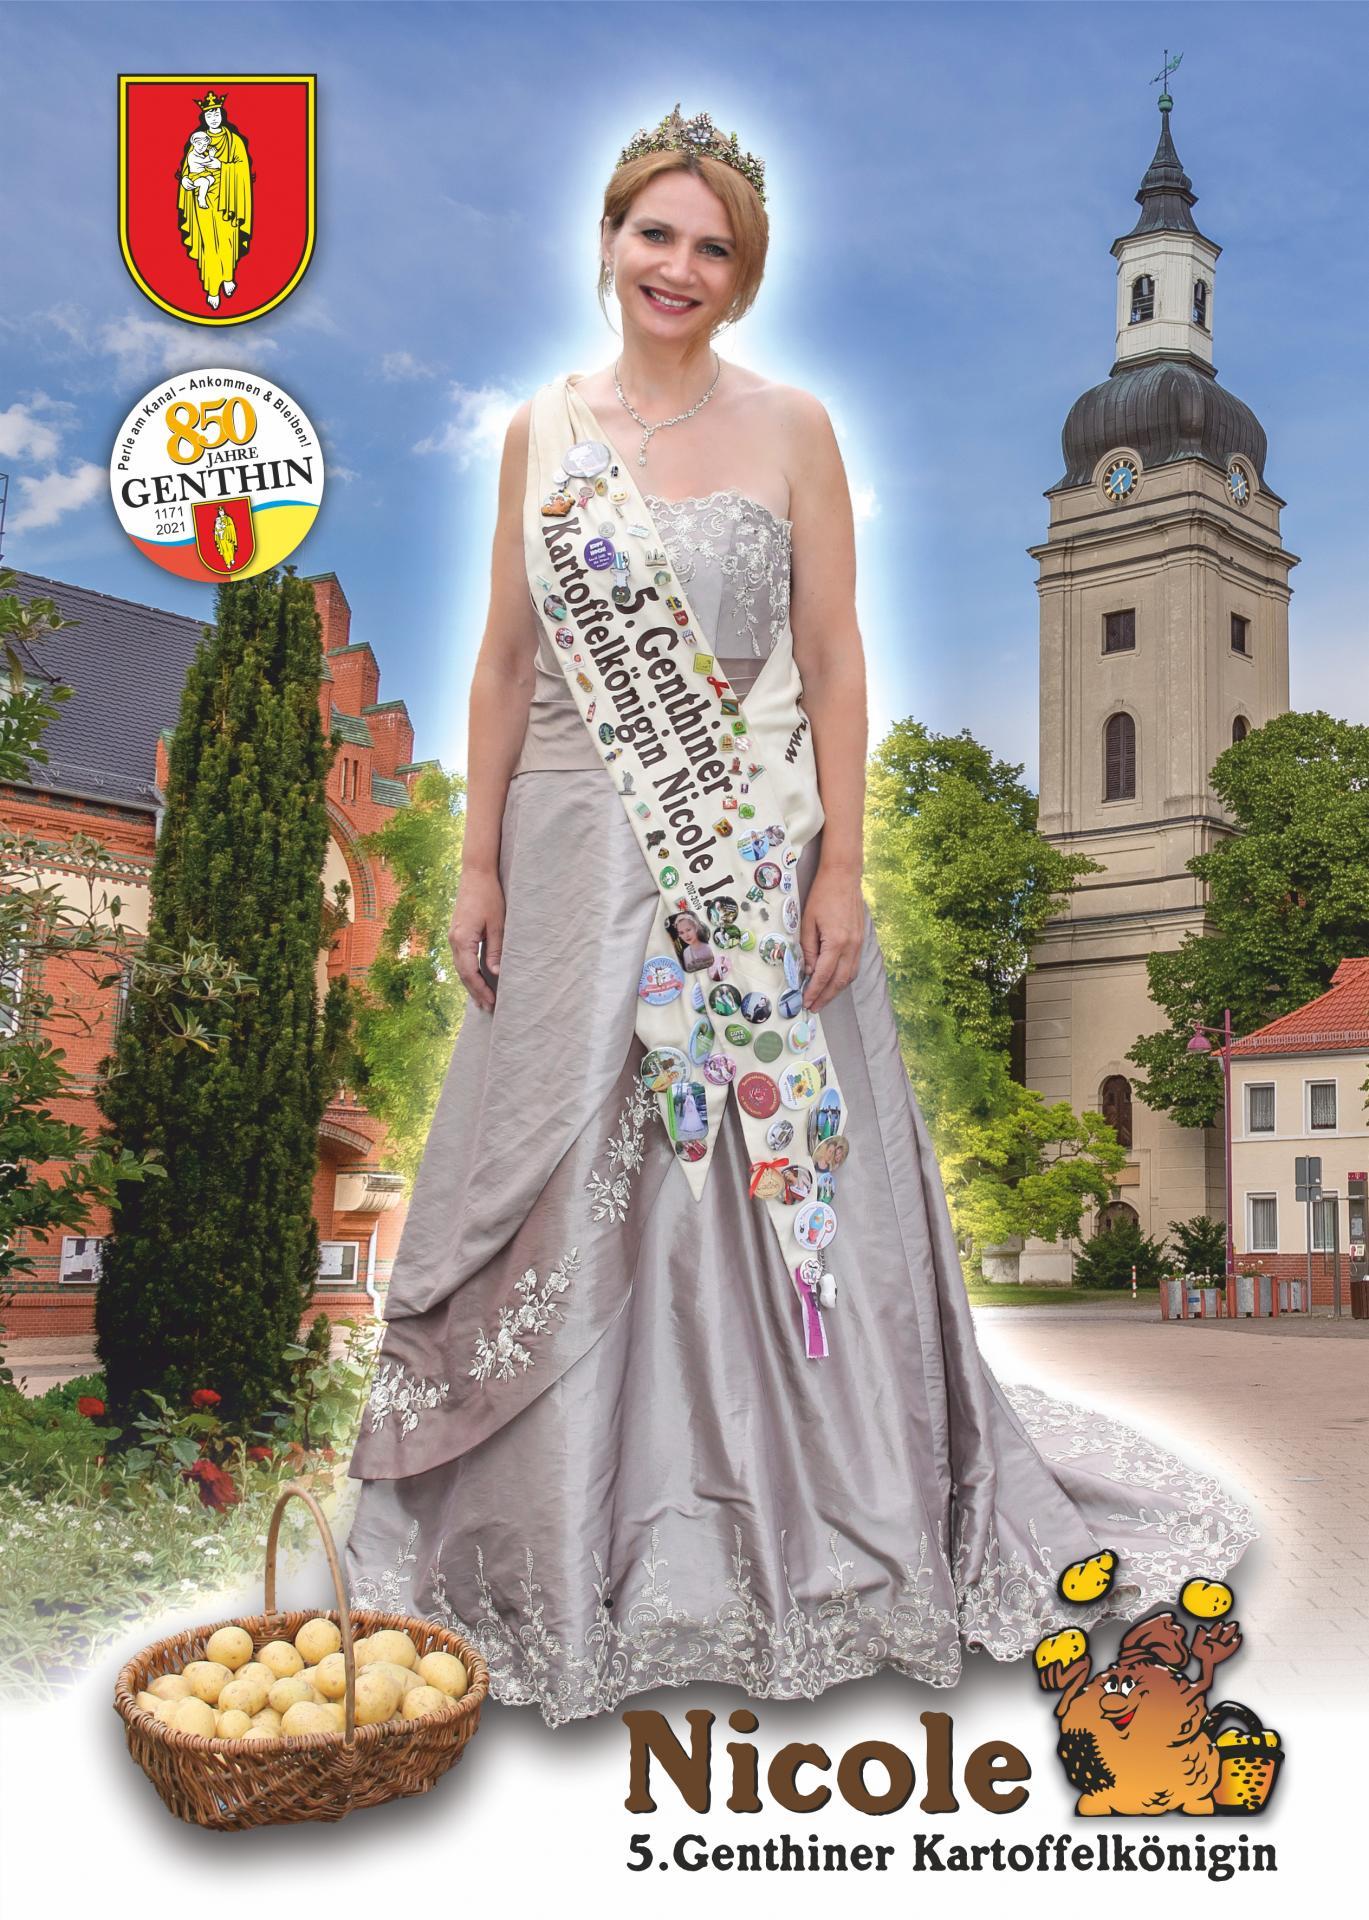 5. Genthiner Kartoffelkönigin